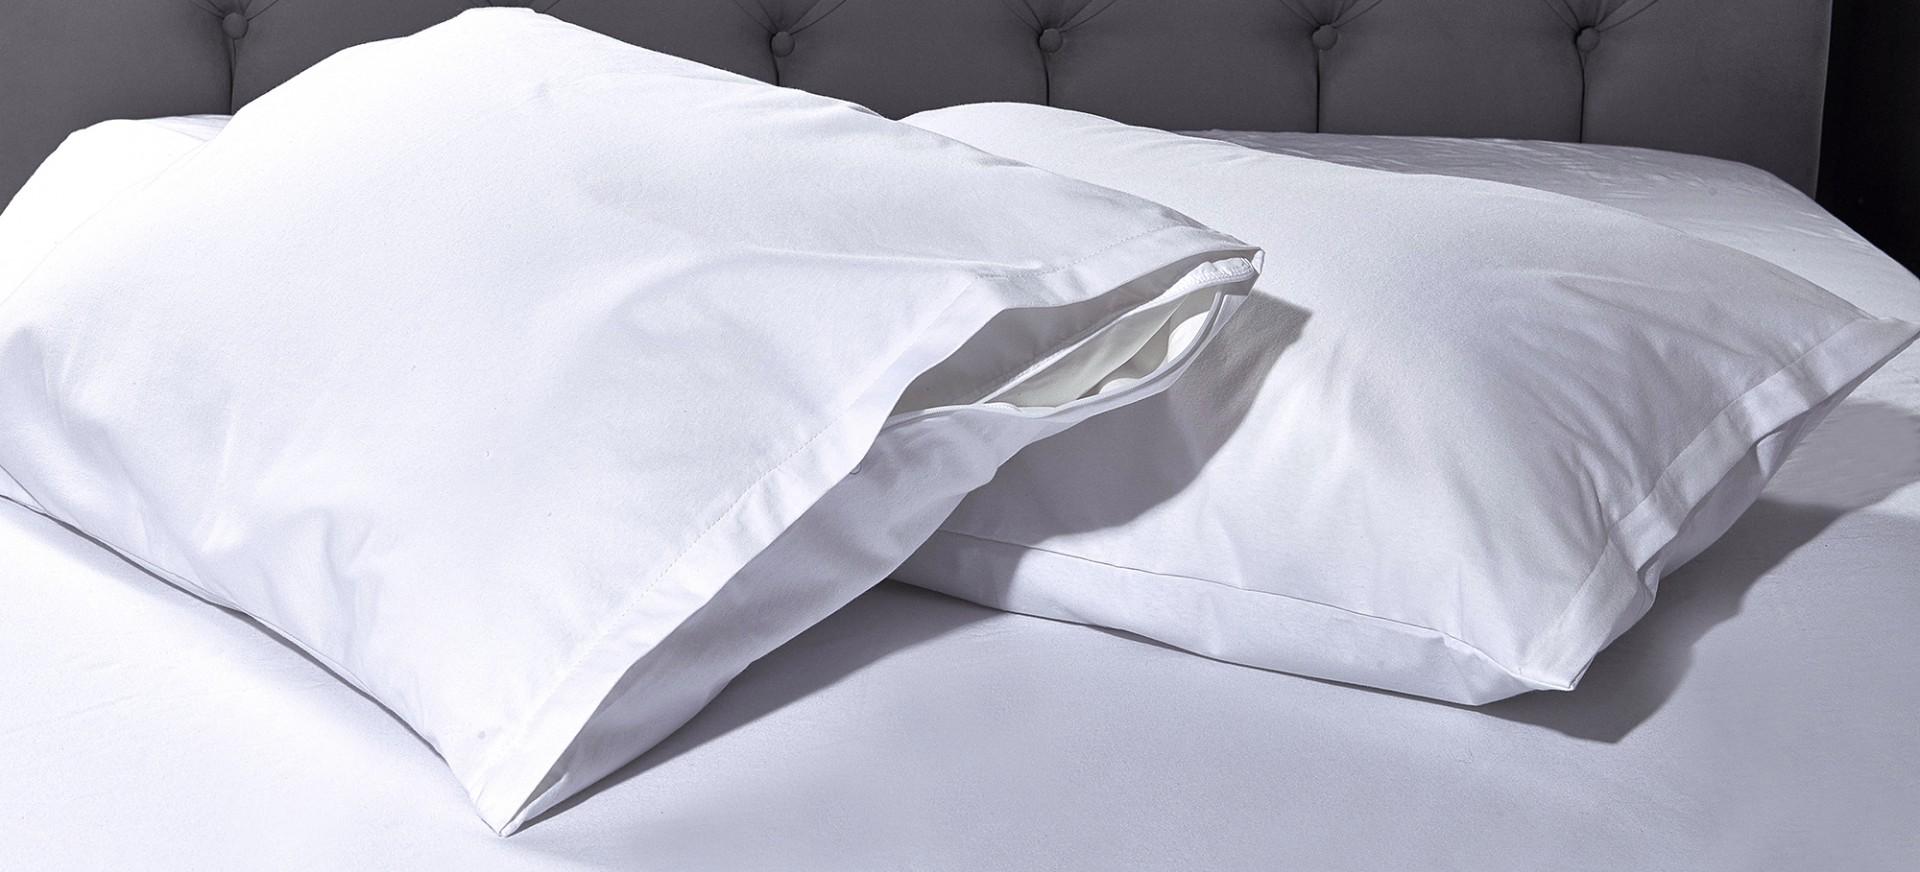 Μαξιλάρια Ύπνου Απλά